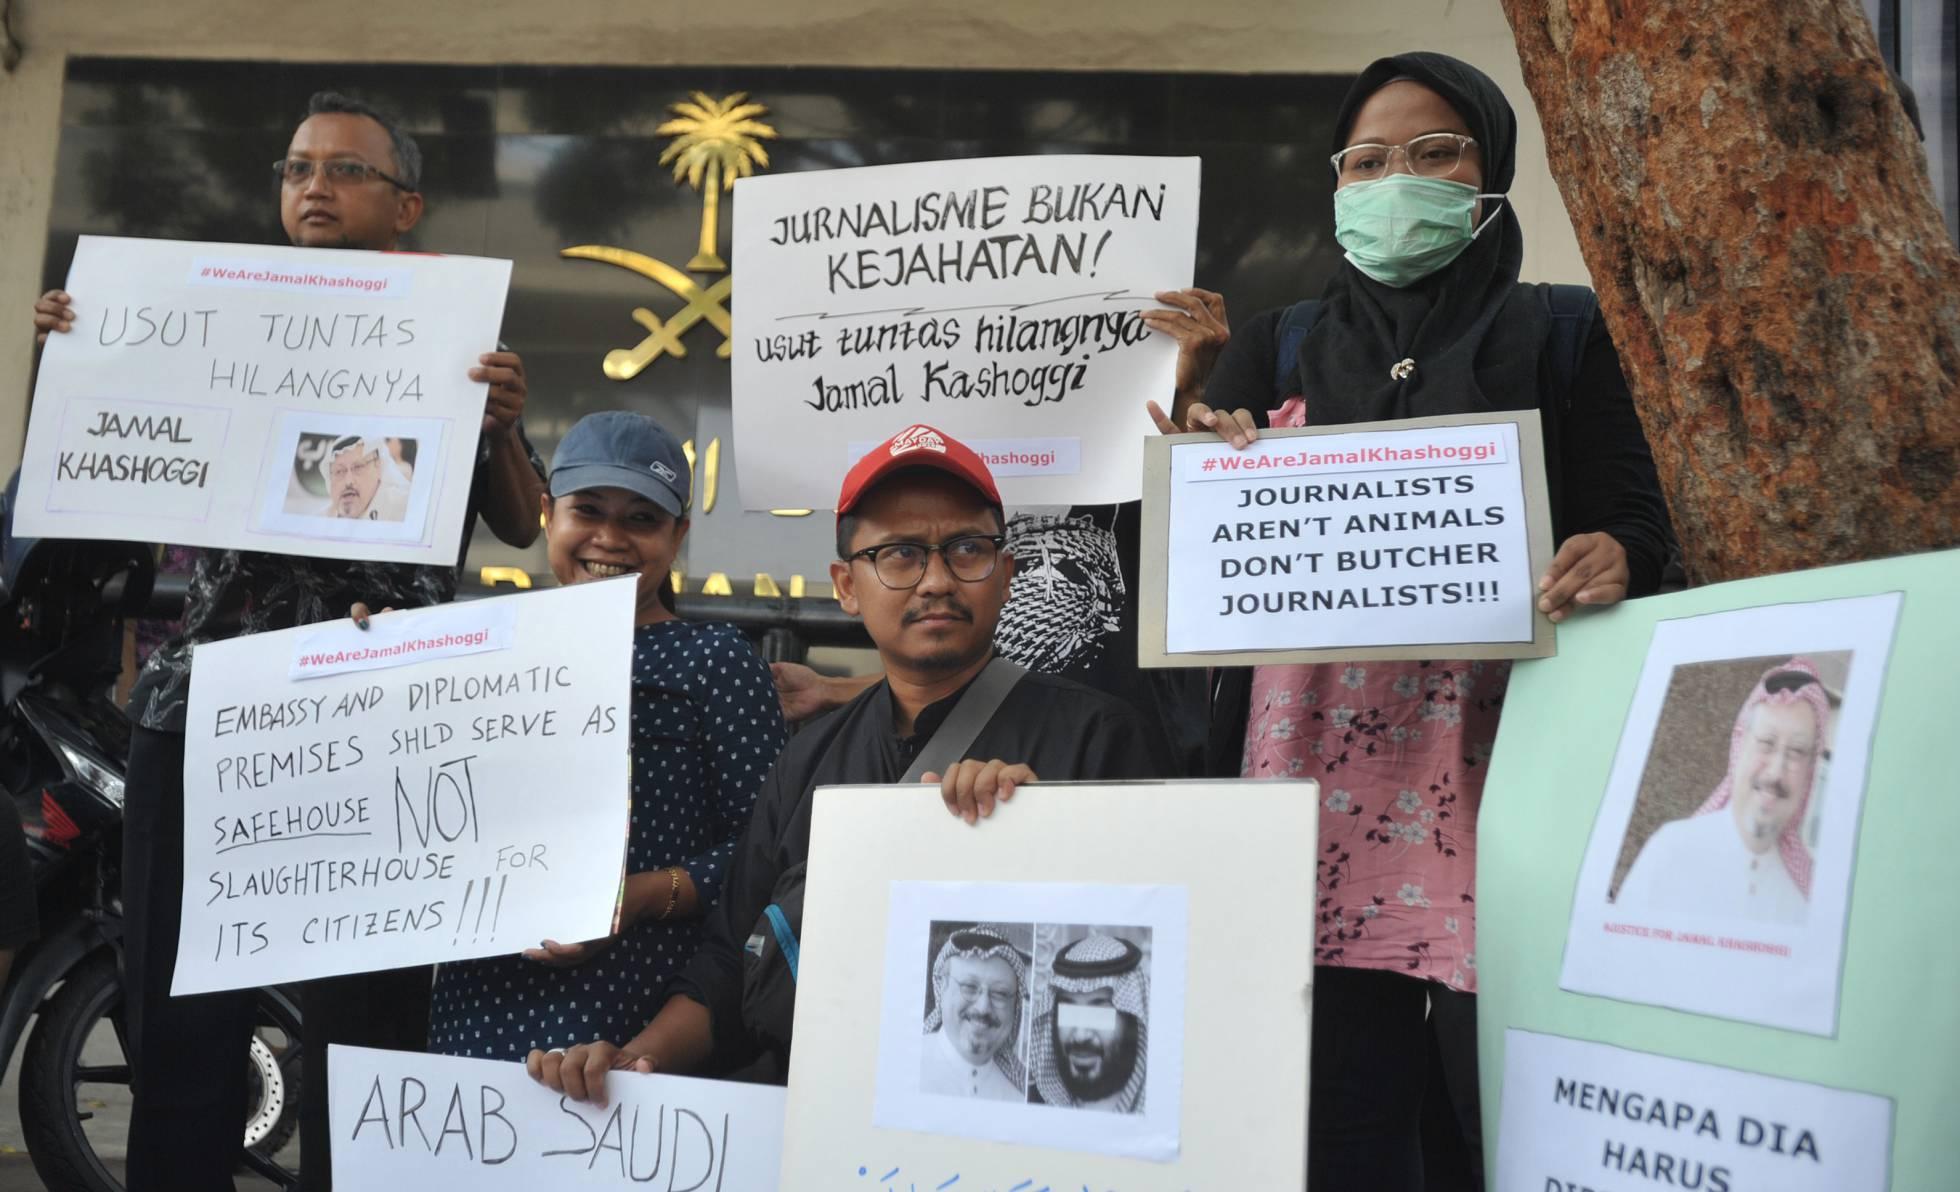 Periodistas indonesios protestan enfrente de la embajada de Arabia Saudí en Yakarta por la muerte de Khashoggi, en octubre de 2018. Dasril Roszandi (Getty Images)